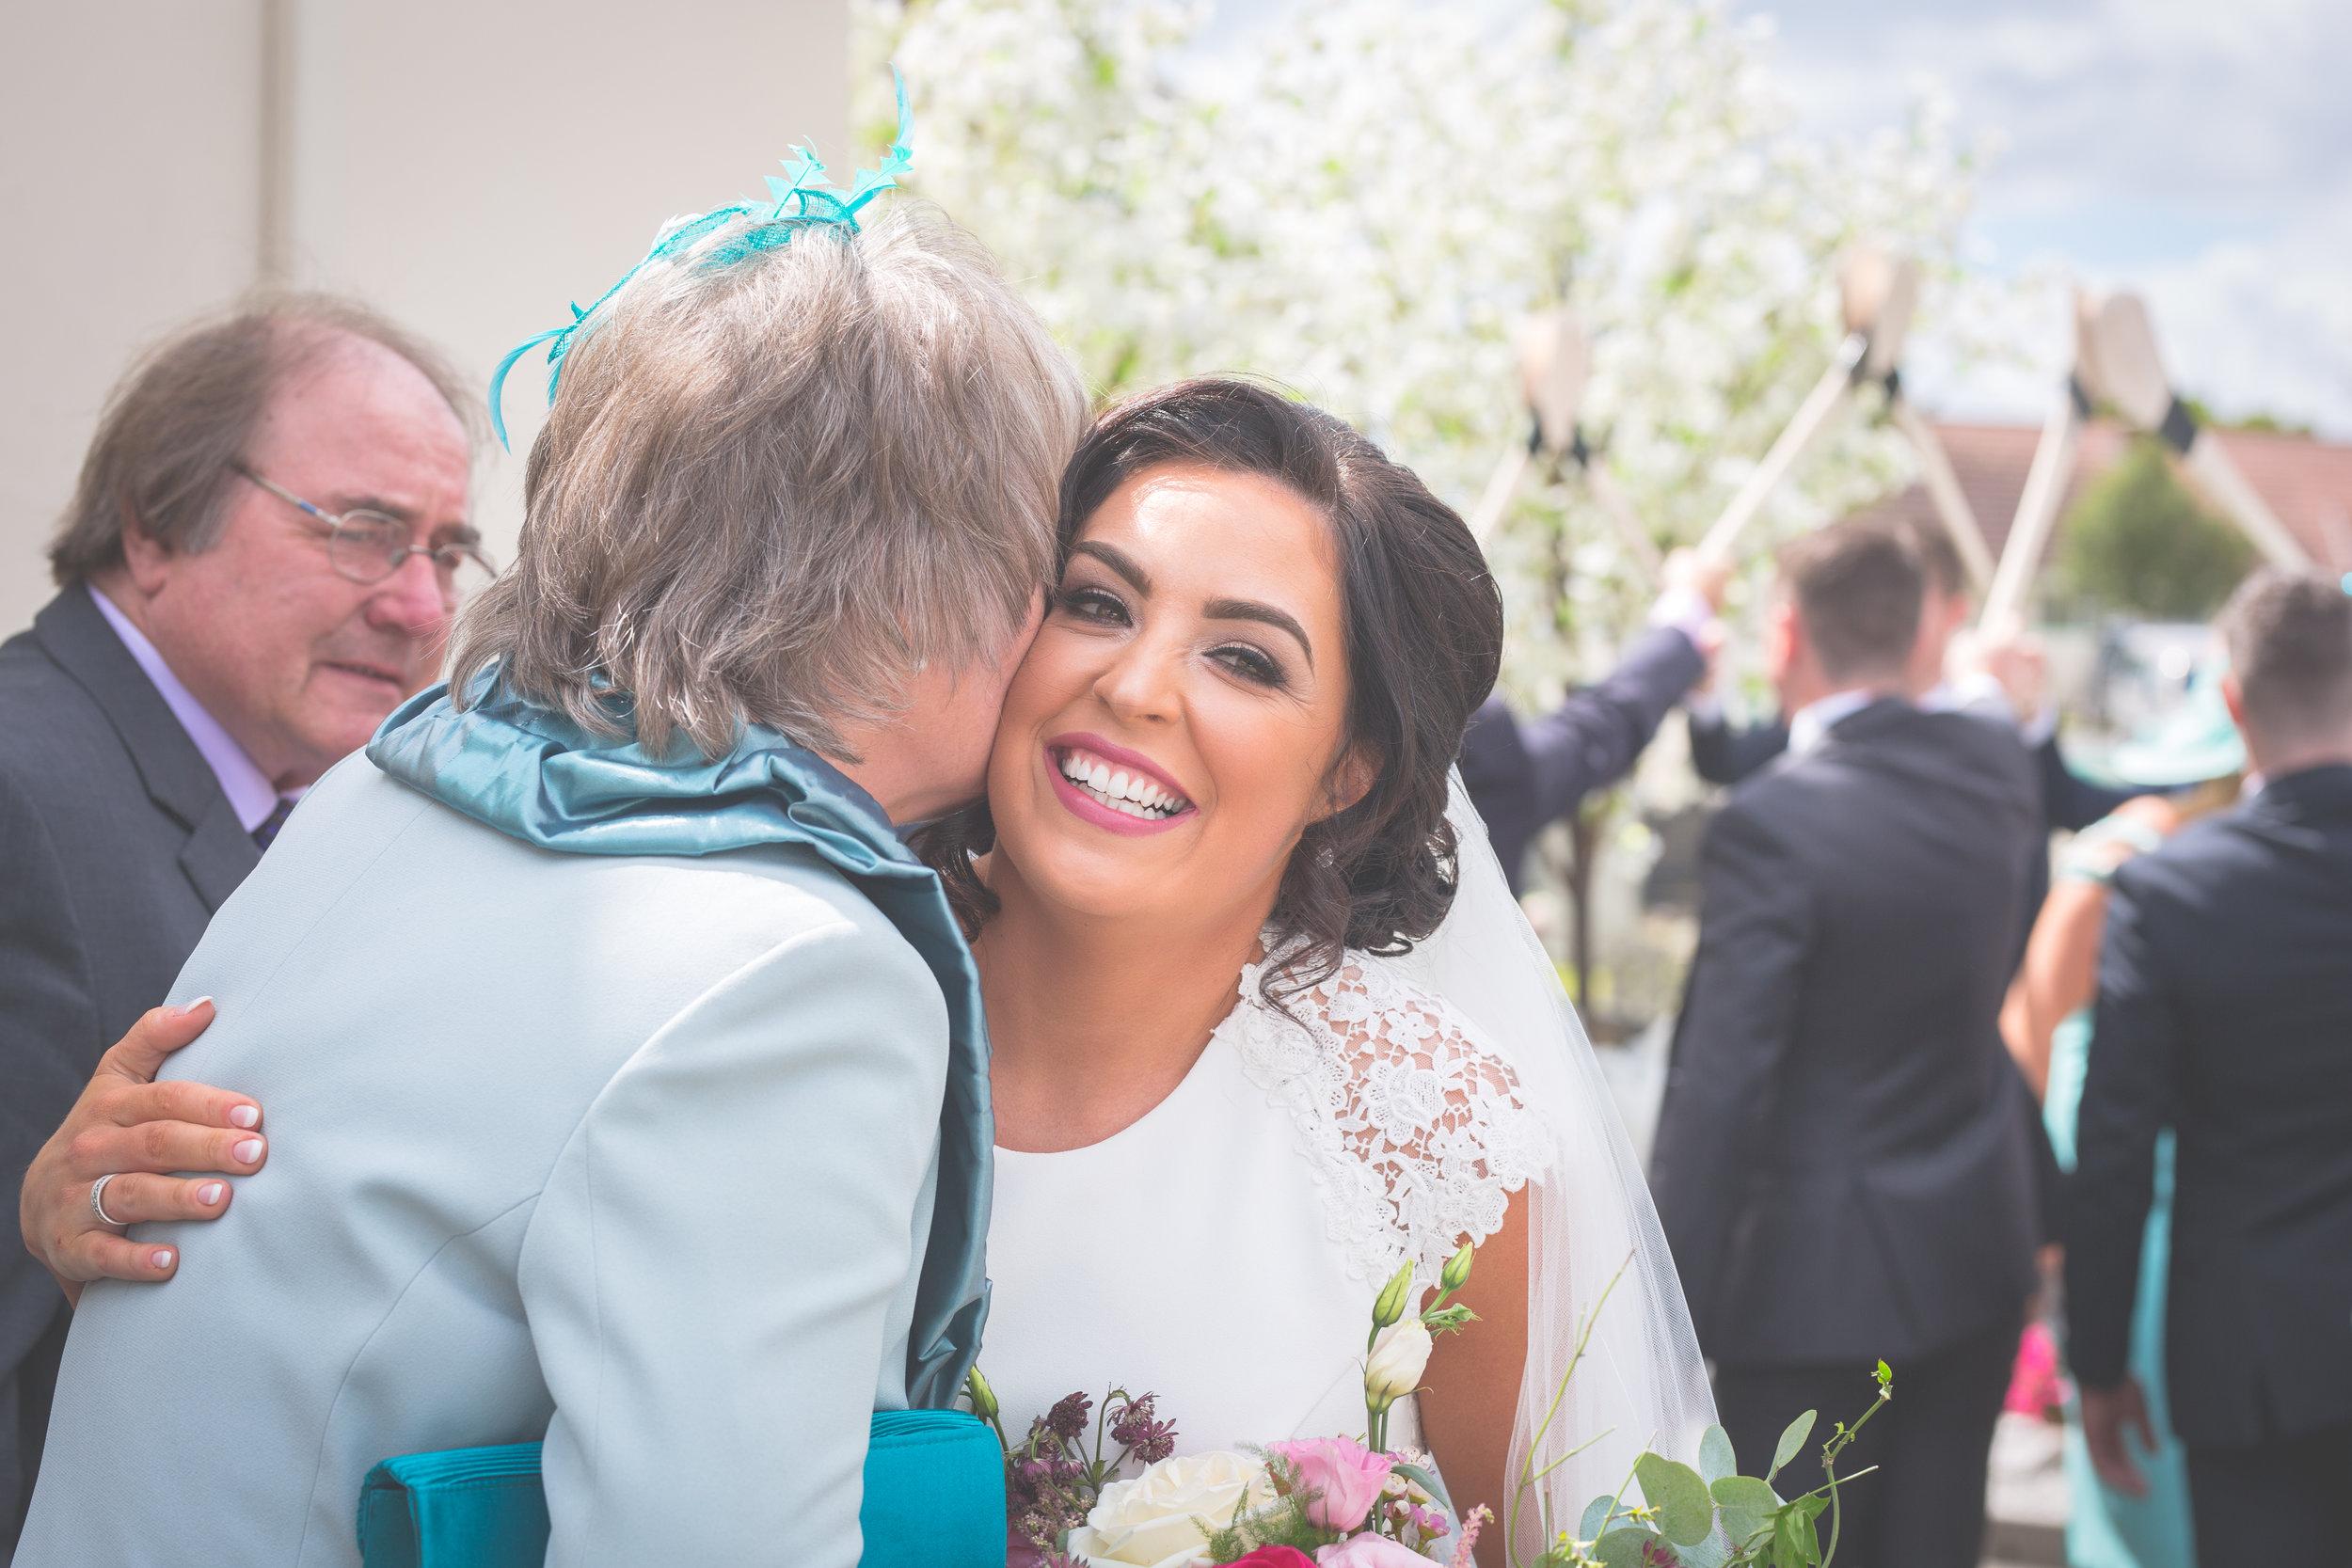 Brian McEwan Wedding Photography   Carol-Anne & Sean   The Ceremony-100.jpg